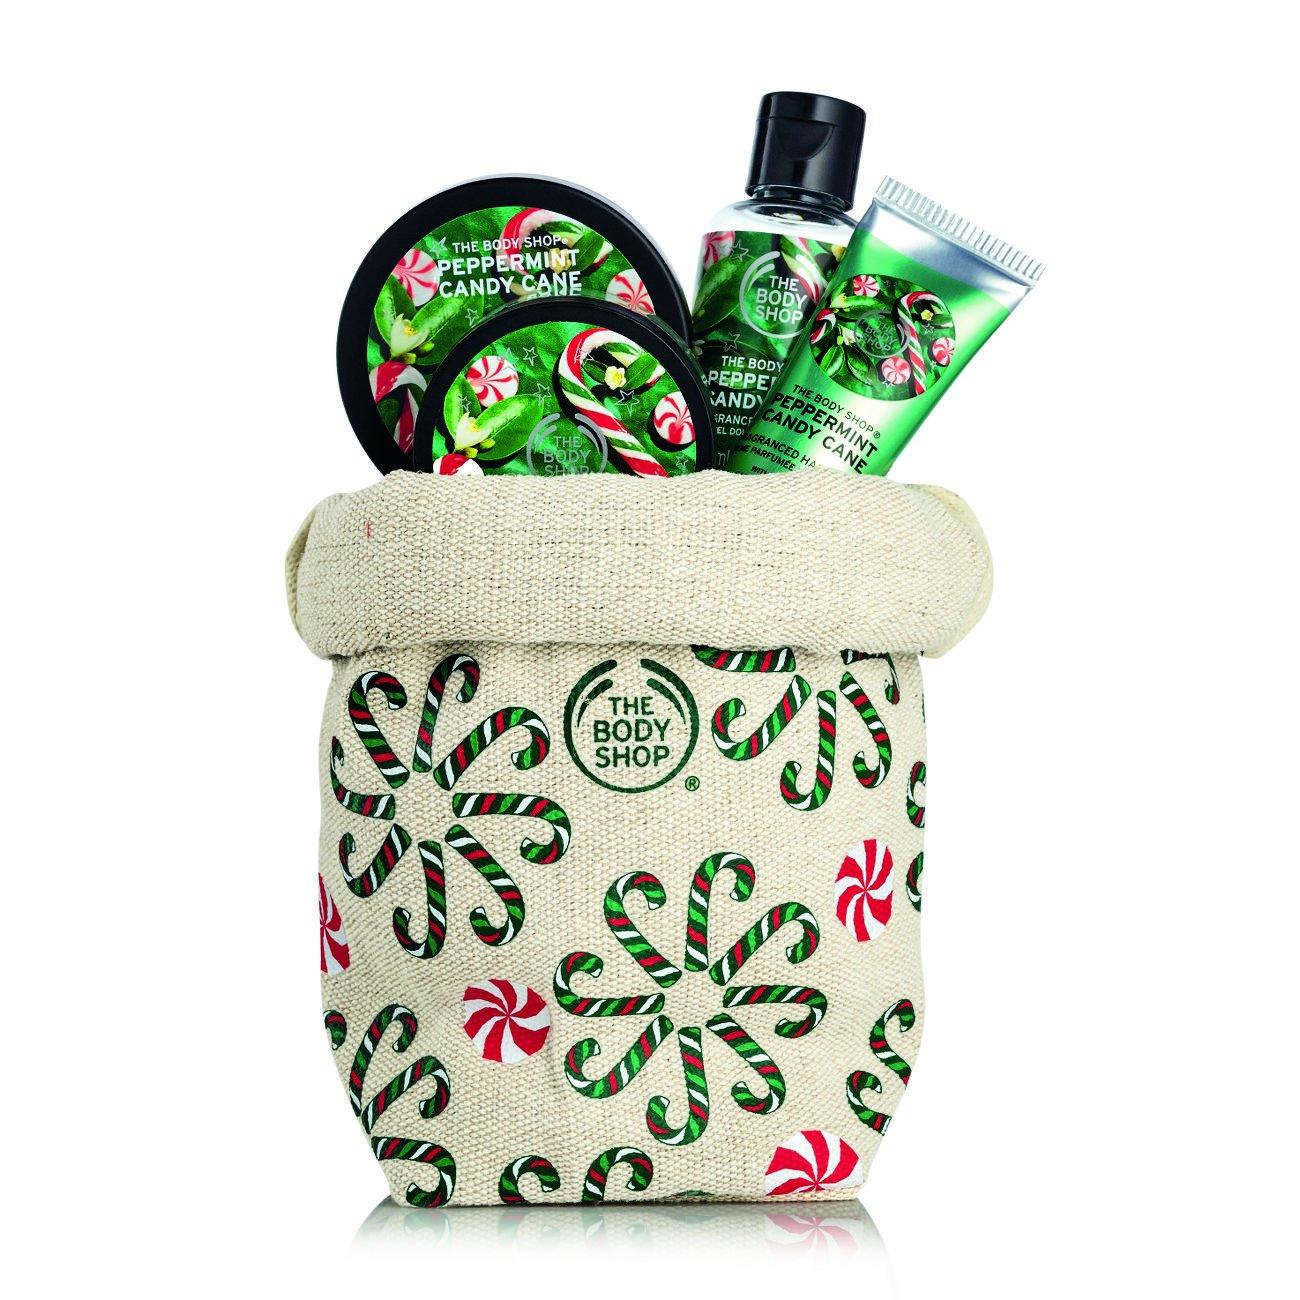 Podaruj bliskim kosmetyczne słodkości od The Body Shop